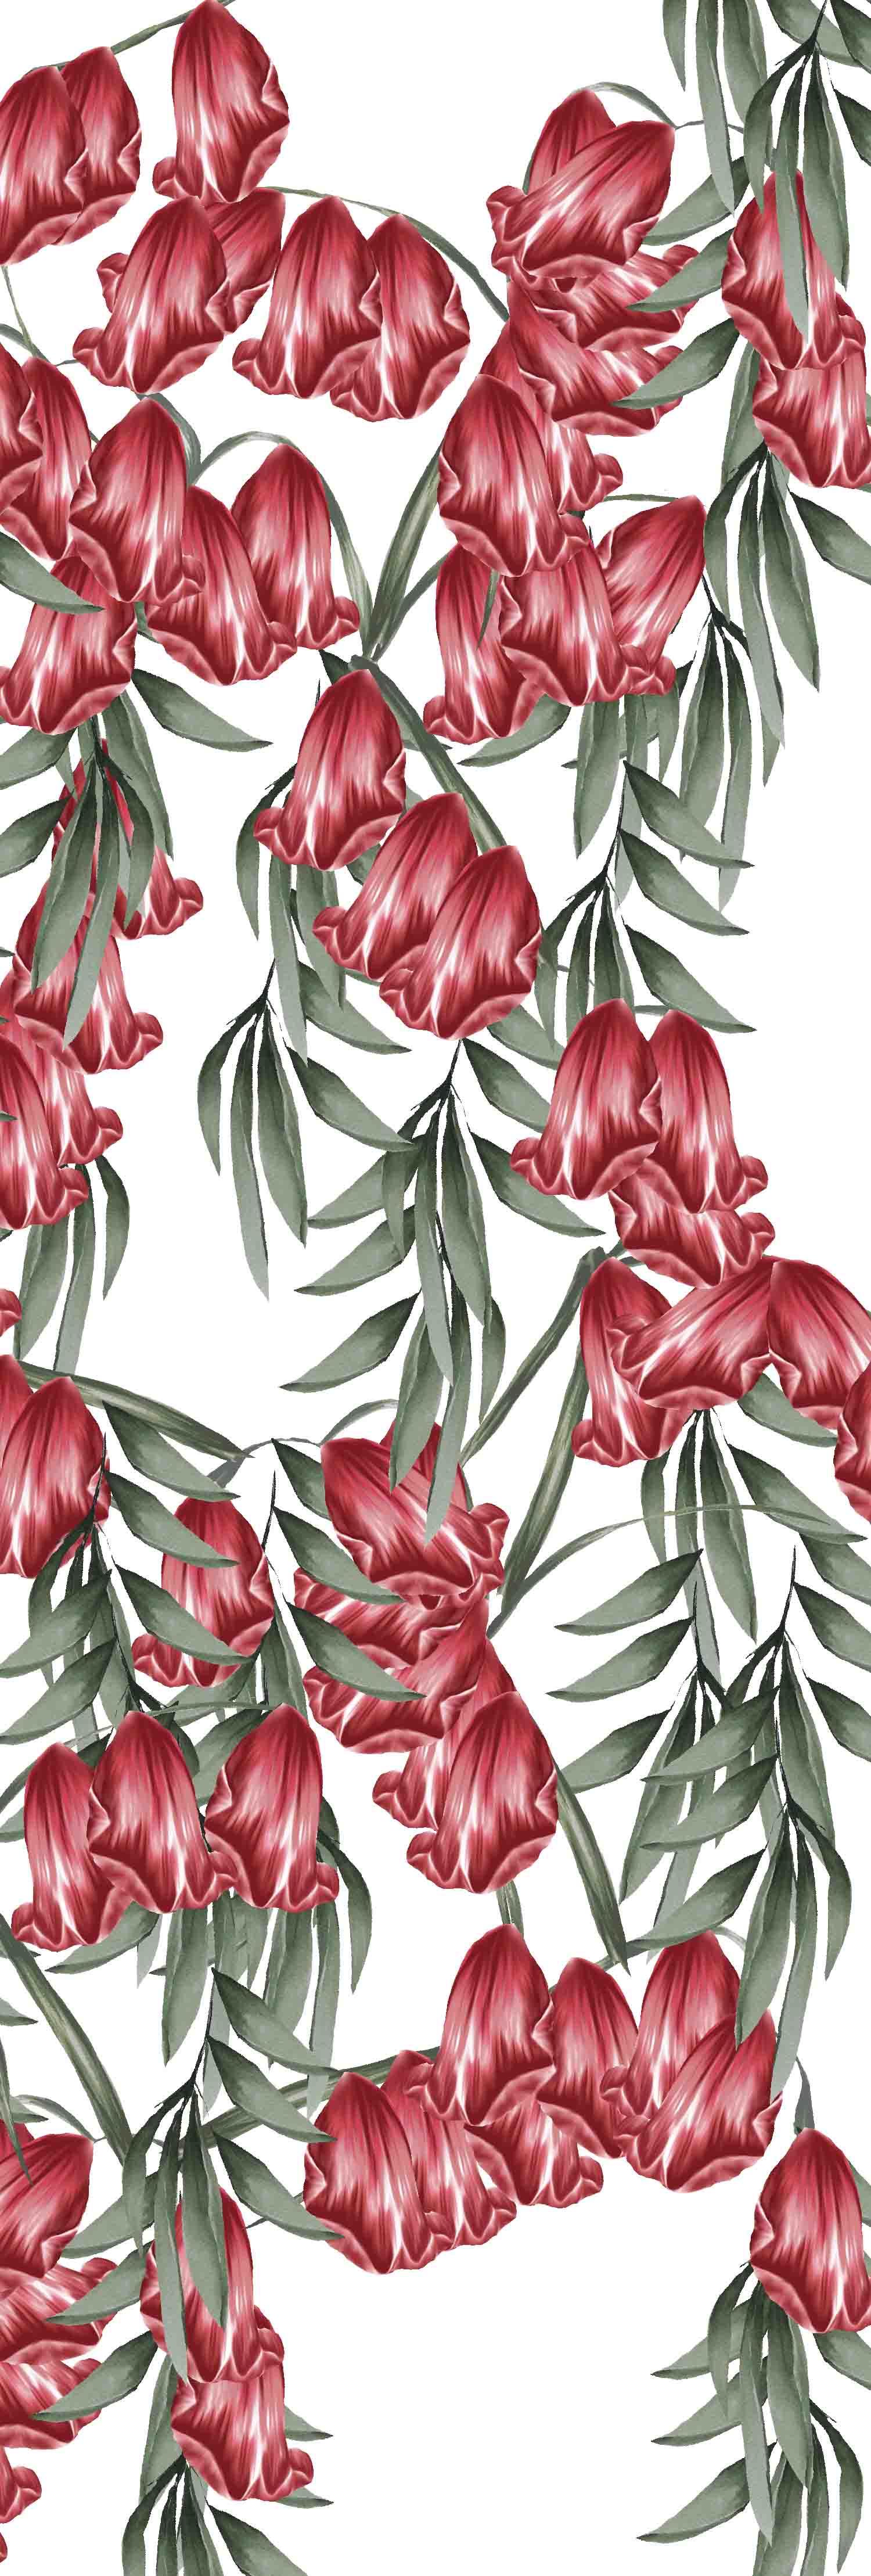 CandiceKayeDesign_CollectionN25_RosePetals.jpg